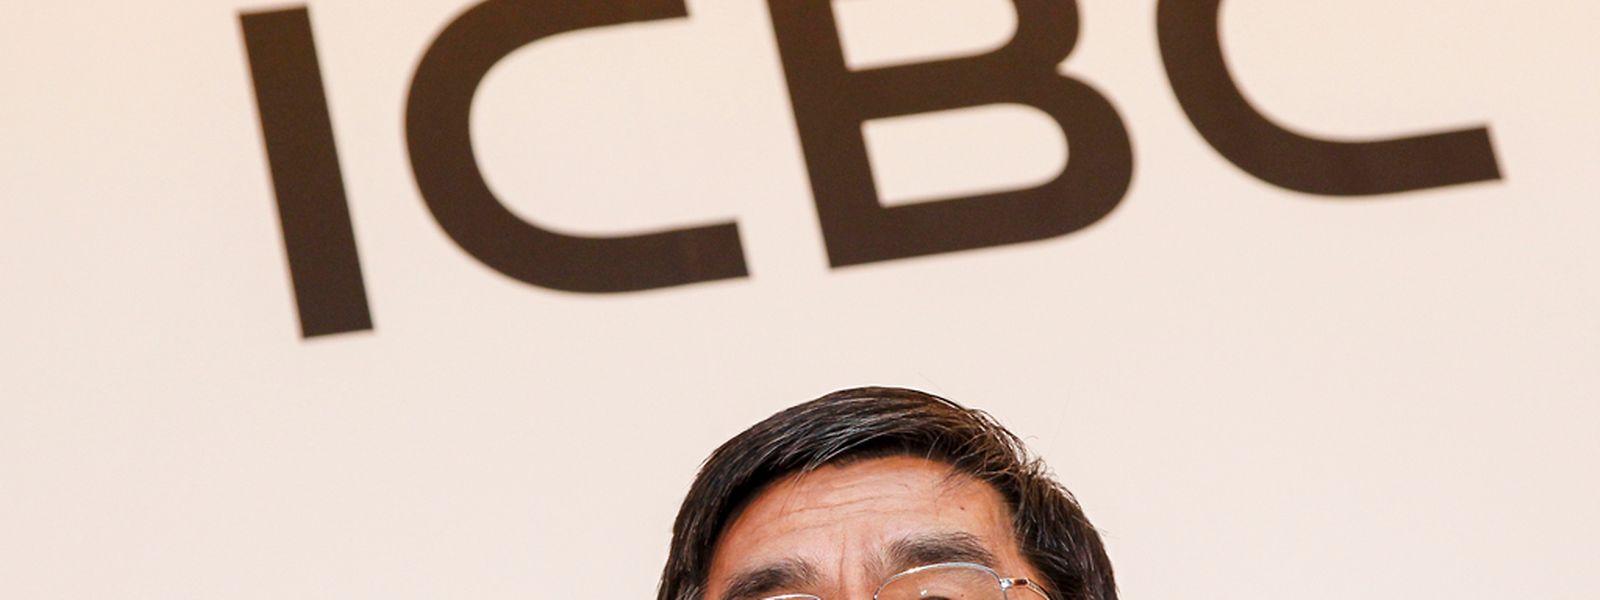 Le président de ICBC, Jiang Jianqing, avait fait le déplacement à Luxembourg pour l'inauguration de la chambre de compensation en RMB